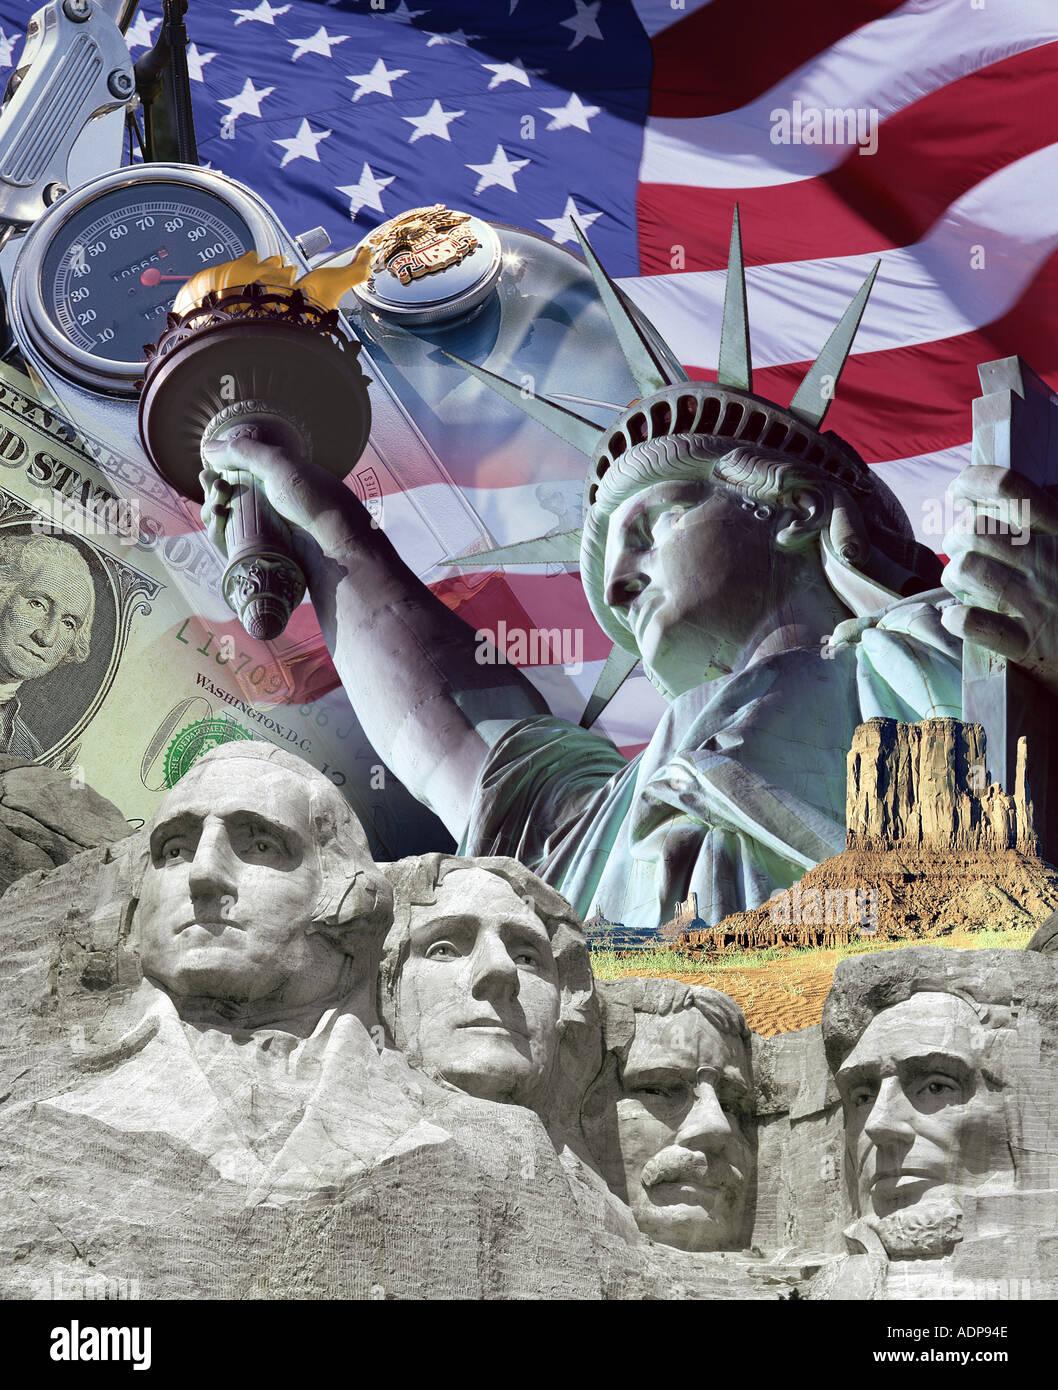 Stati Uniti d'America - AMERICANA: Concetto di viaggio Immagini Stock